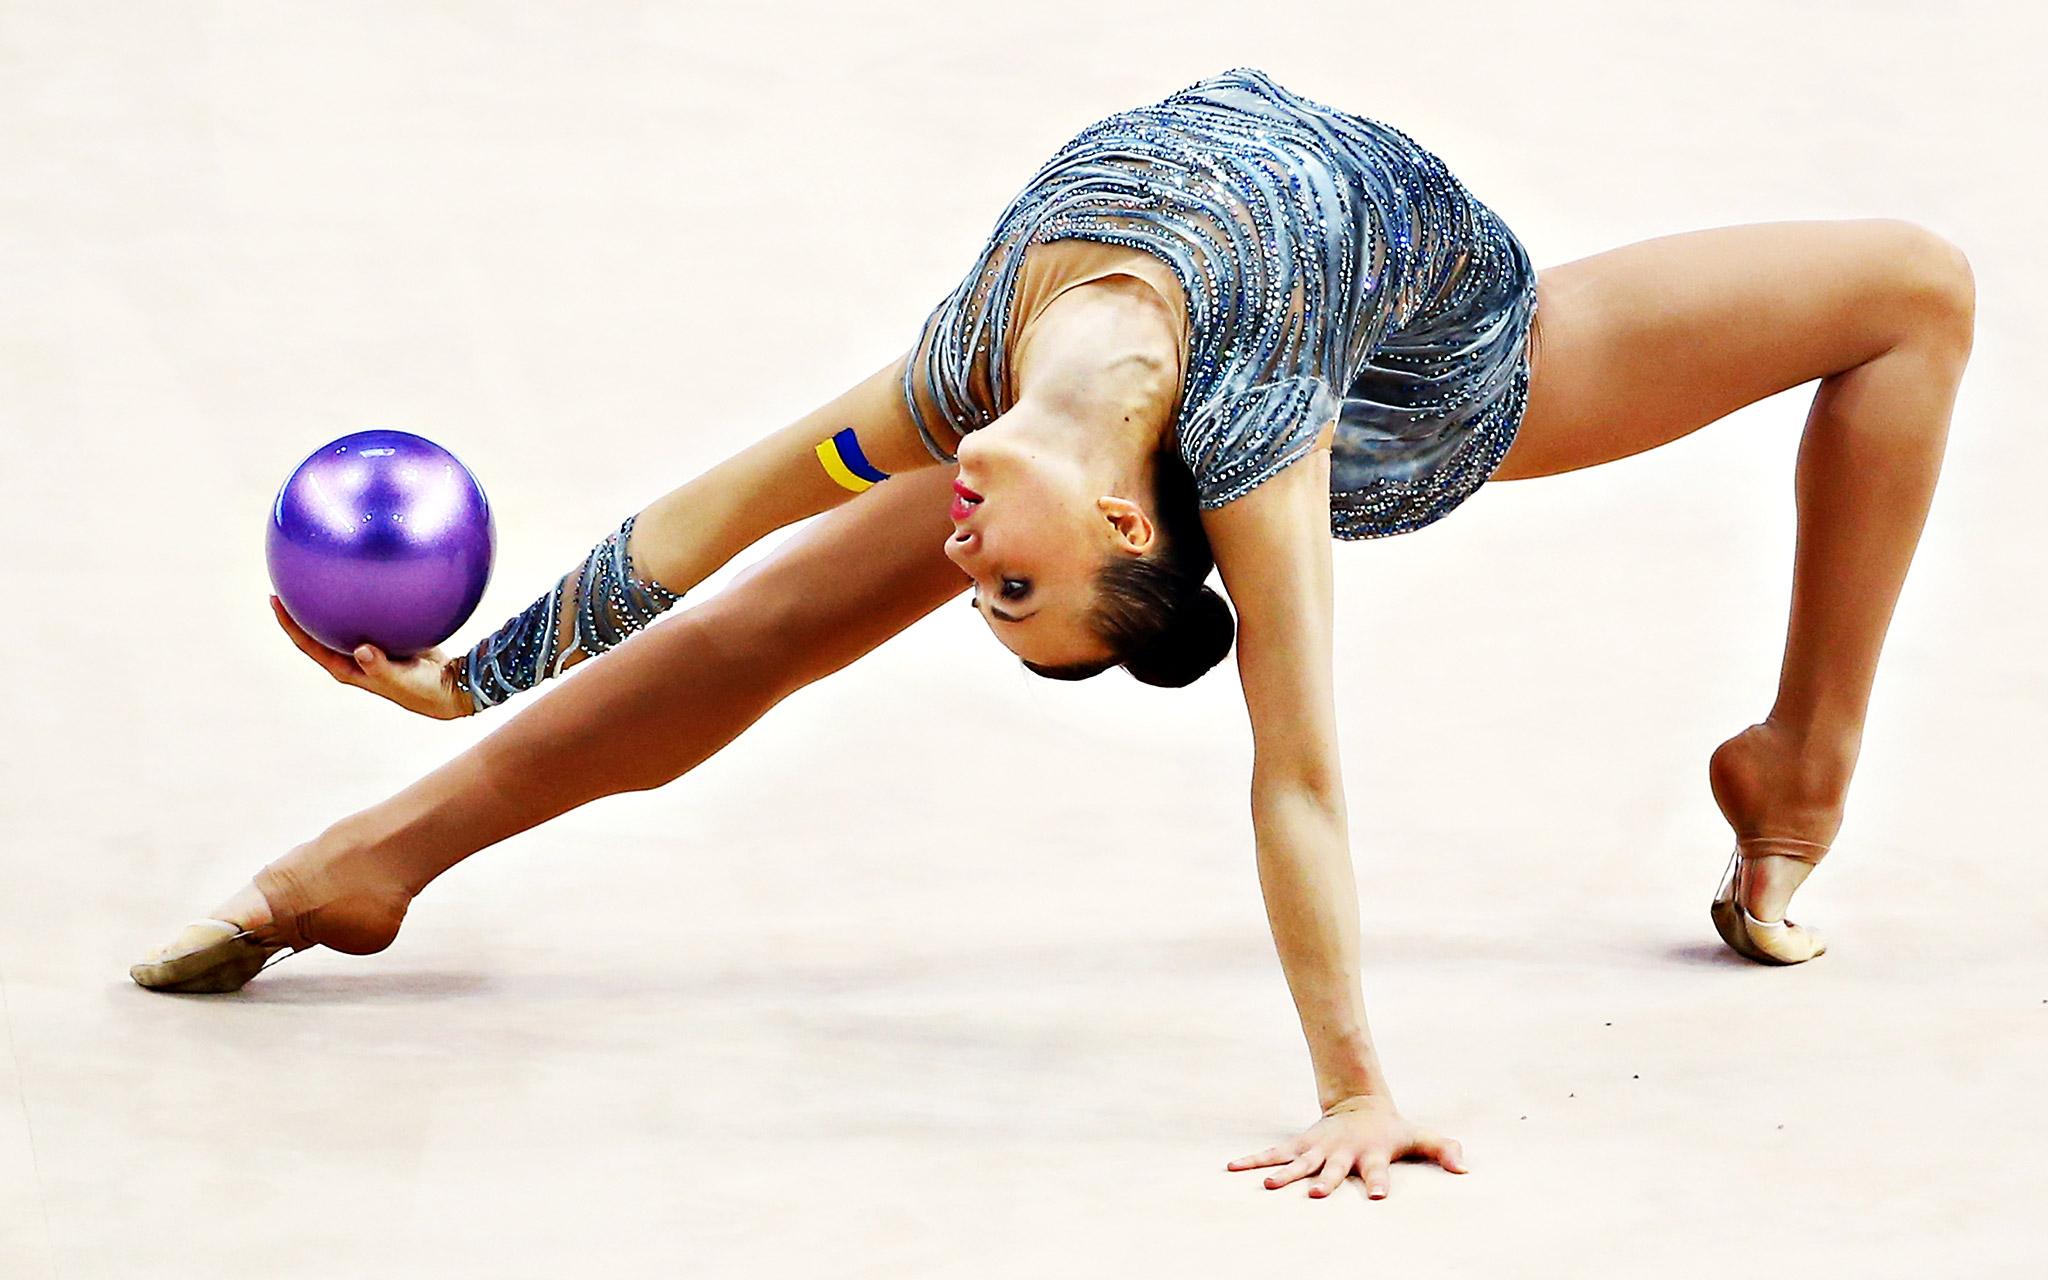 World Cup Rhythmic Gymnastics Espnw Photos Of The Week